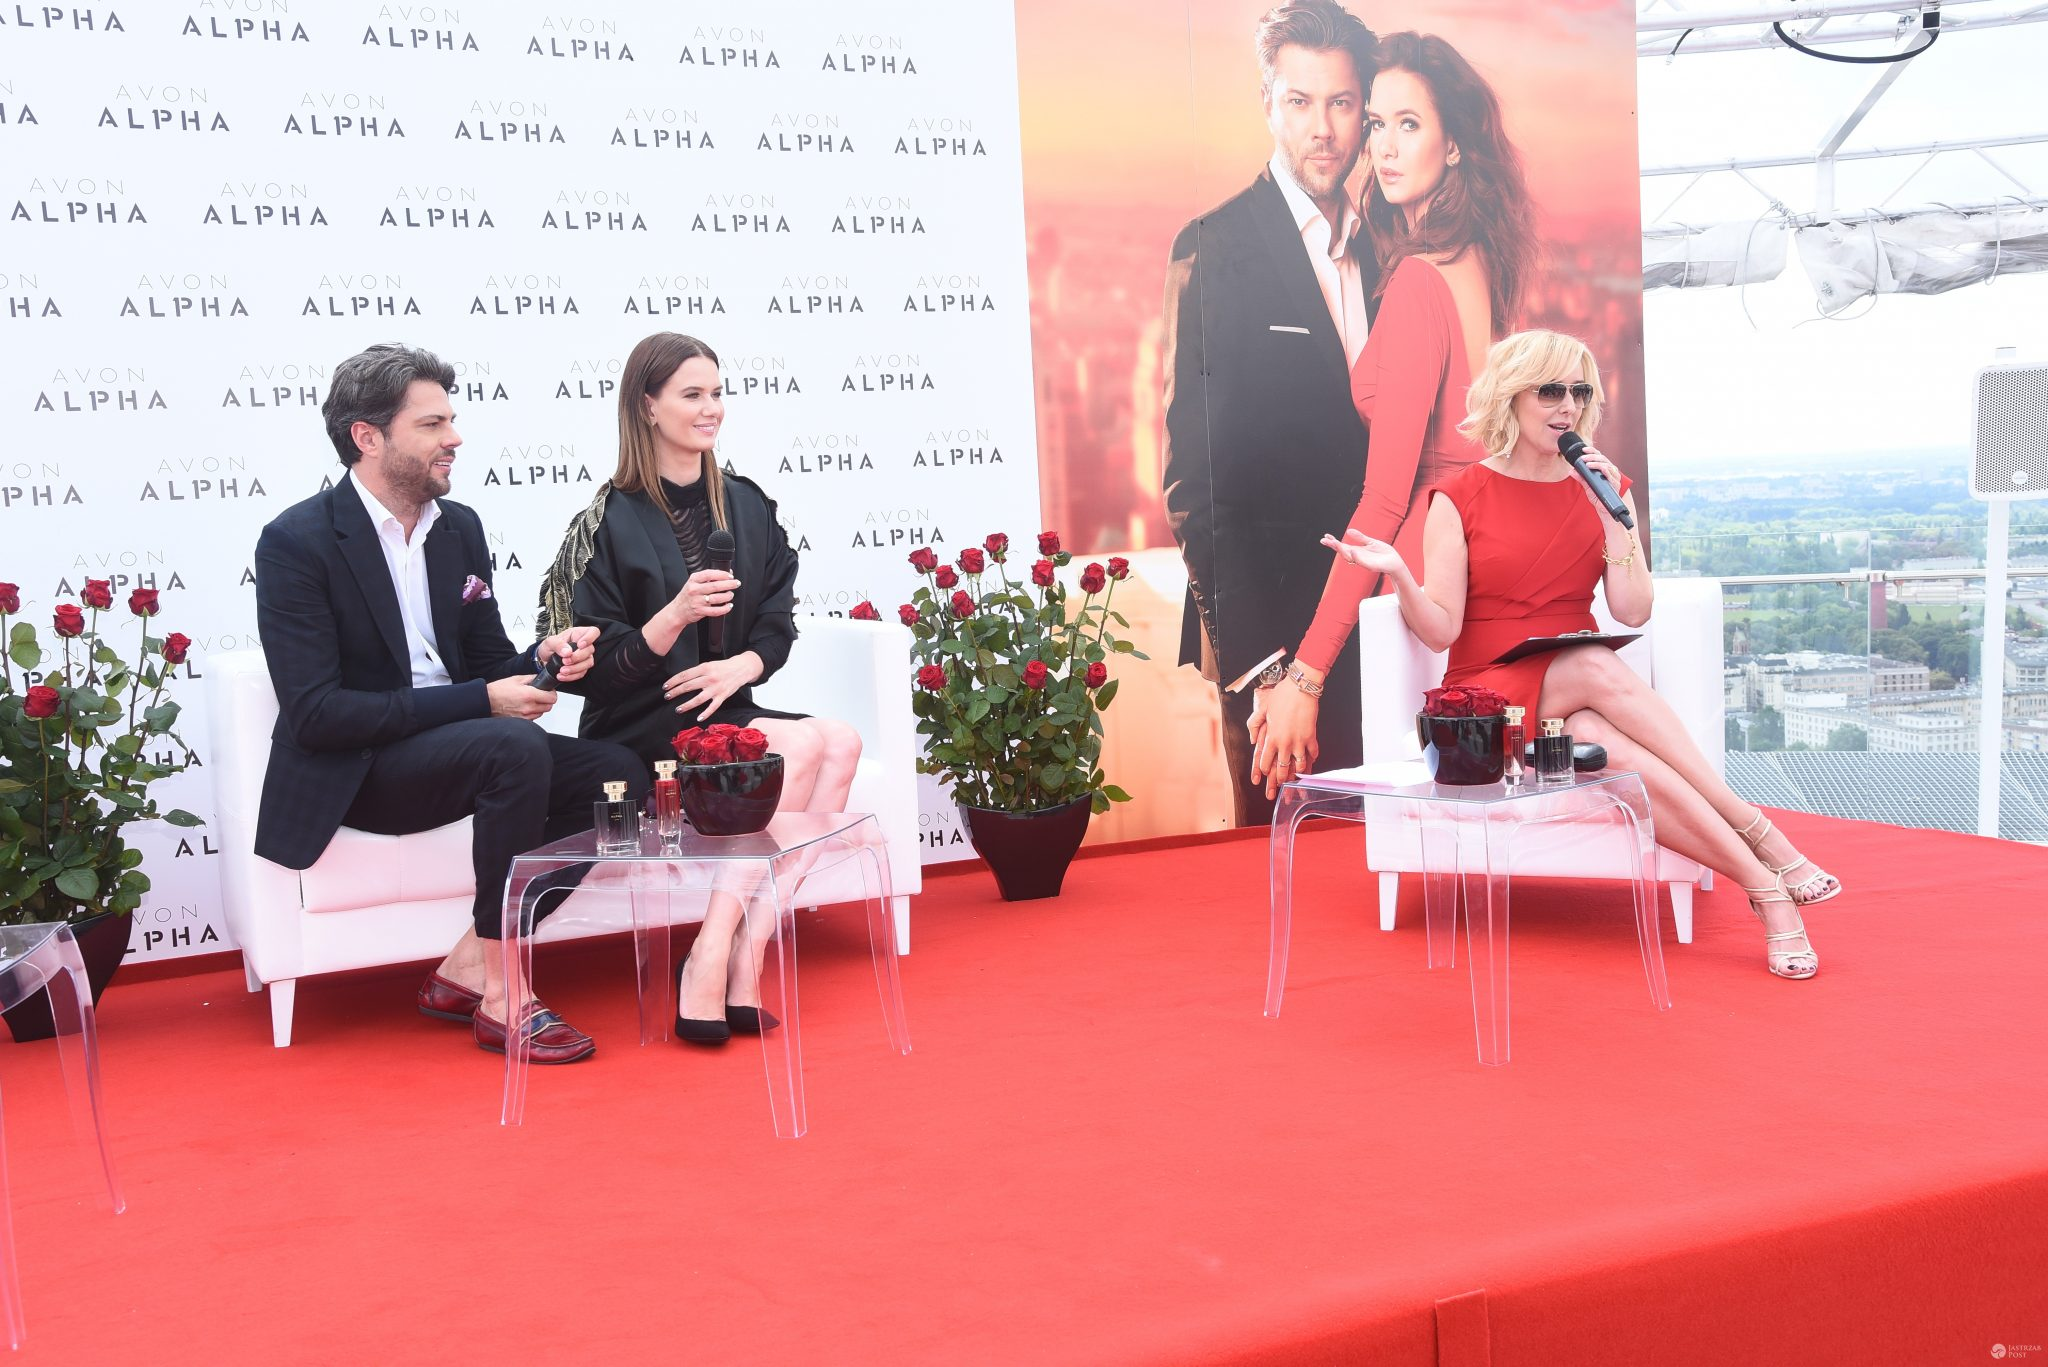 Karolina Malinowska (w kreacji Roberta Czerwika) i Olivier Janiak, premiera perfum Alpha marki Avon. Spotkanie poprowadziła Agata Młynarska (fot. ONS)